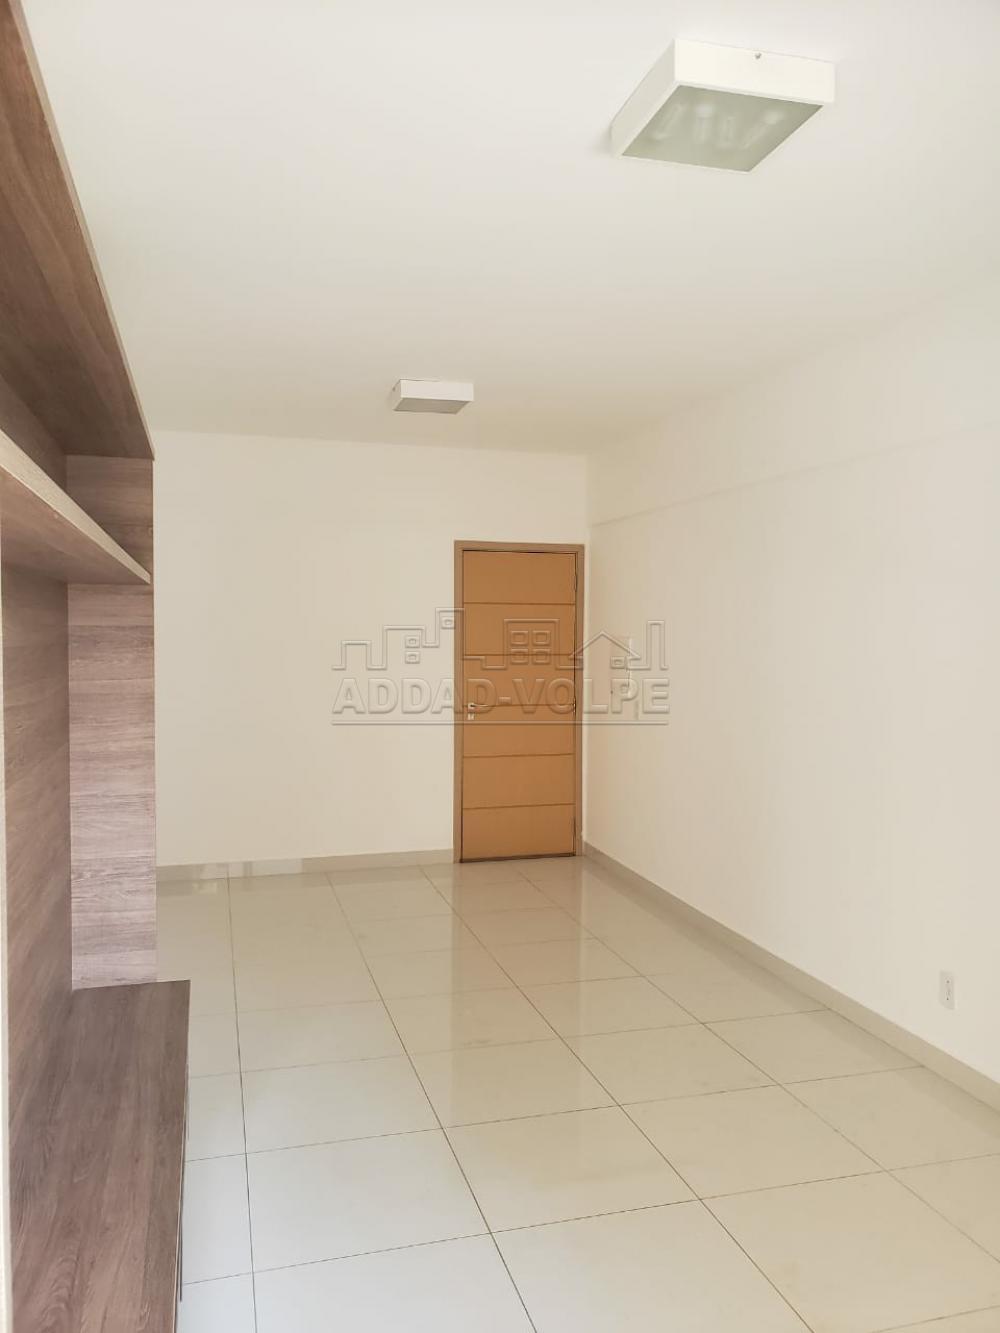 Alugar Apartamento / Padrão em Bauru R$ 1.900,00 - Foto 1